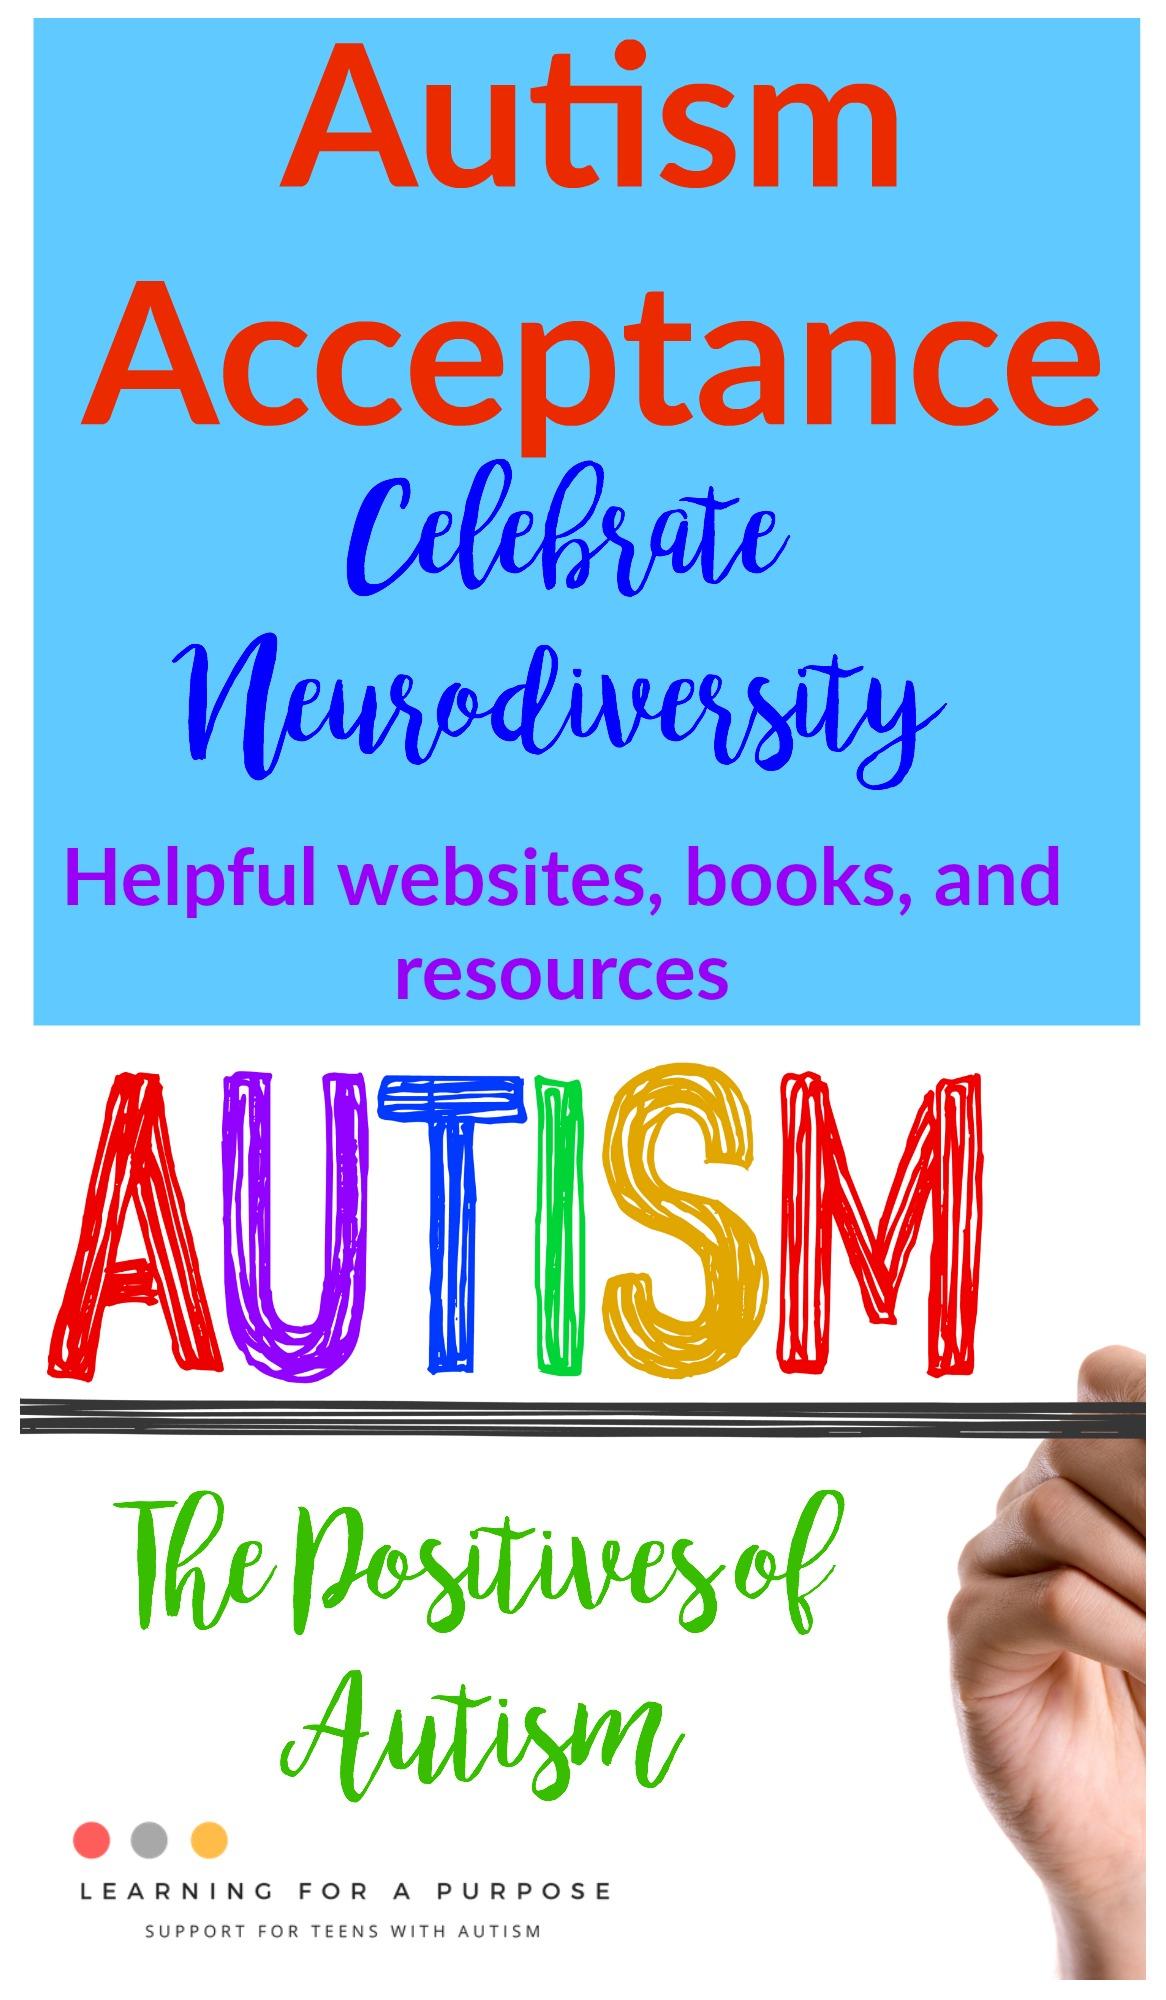 Autism acceptance #autism #autismacceptance